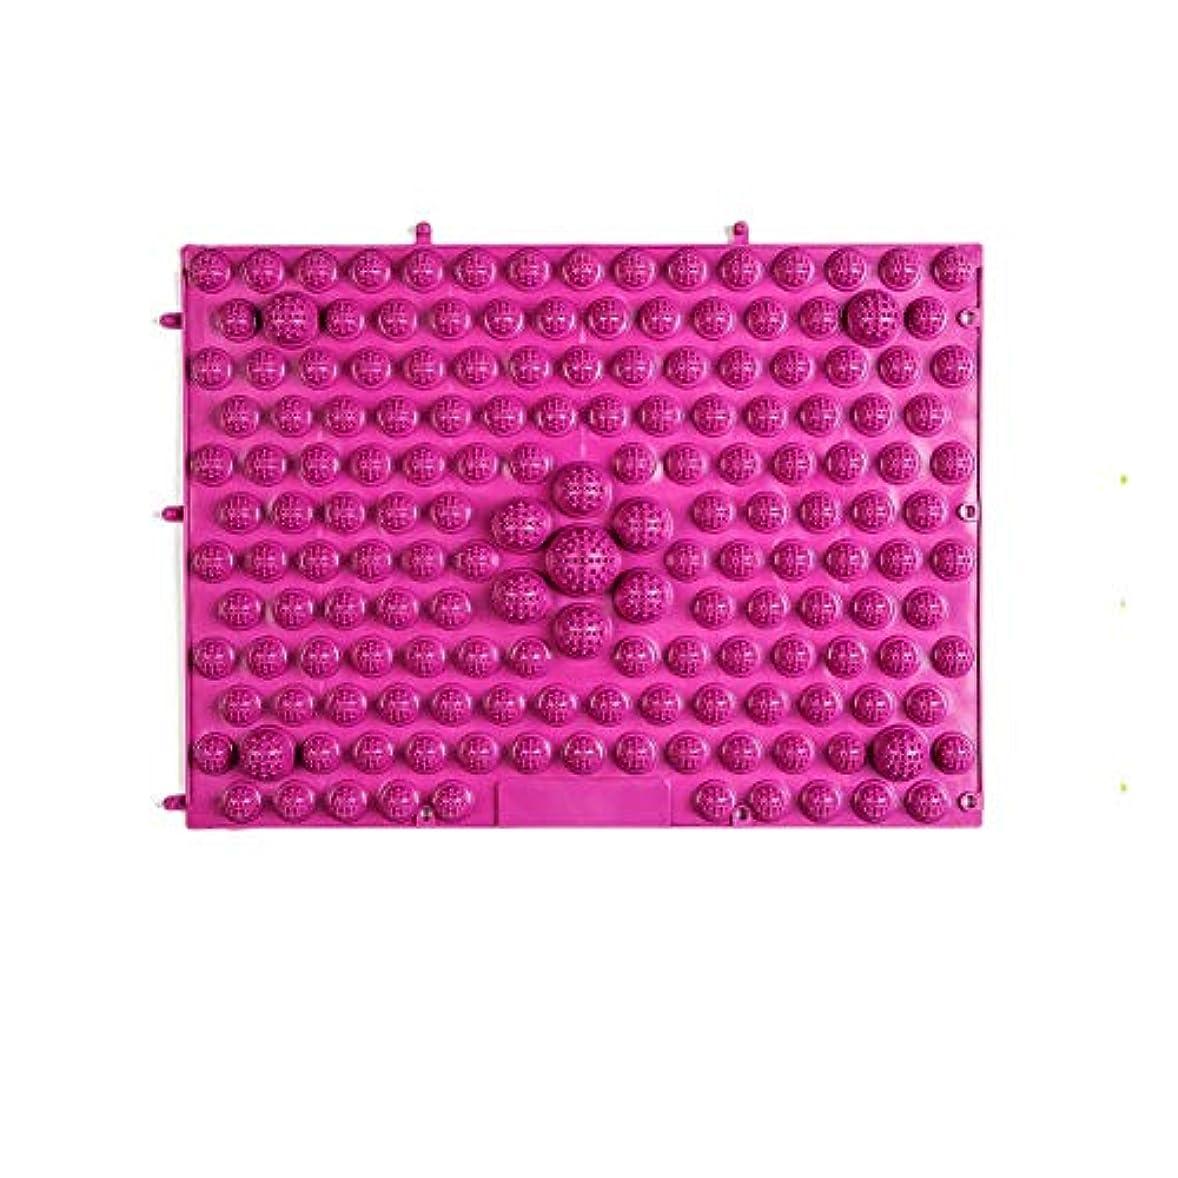 店主キャスト従事するウォークマット 裏板セット(ABS樹脂製補強板付き) (レッド)